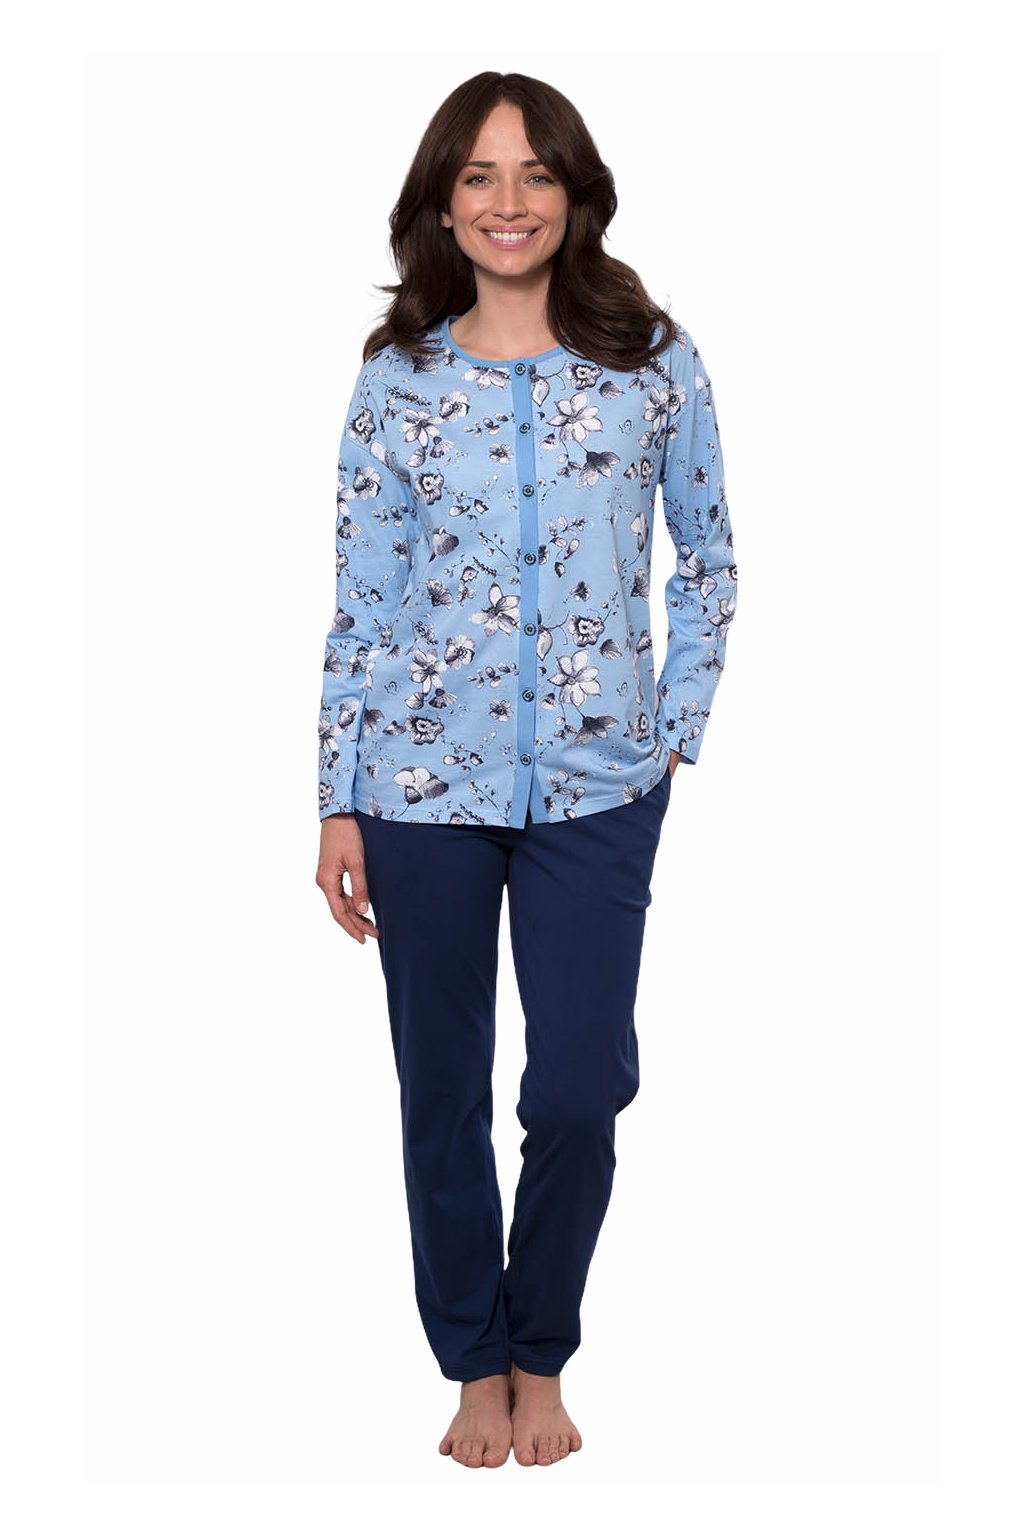 Dámské pyžamo s dlouhým rukávem, 104540 477, modrá